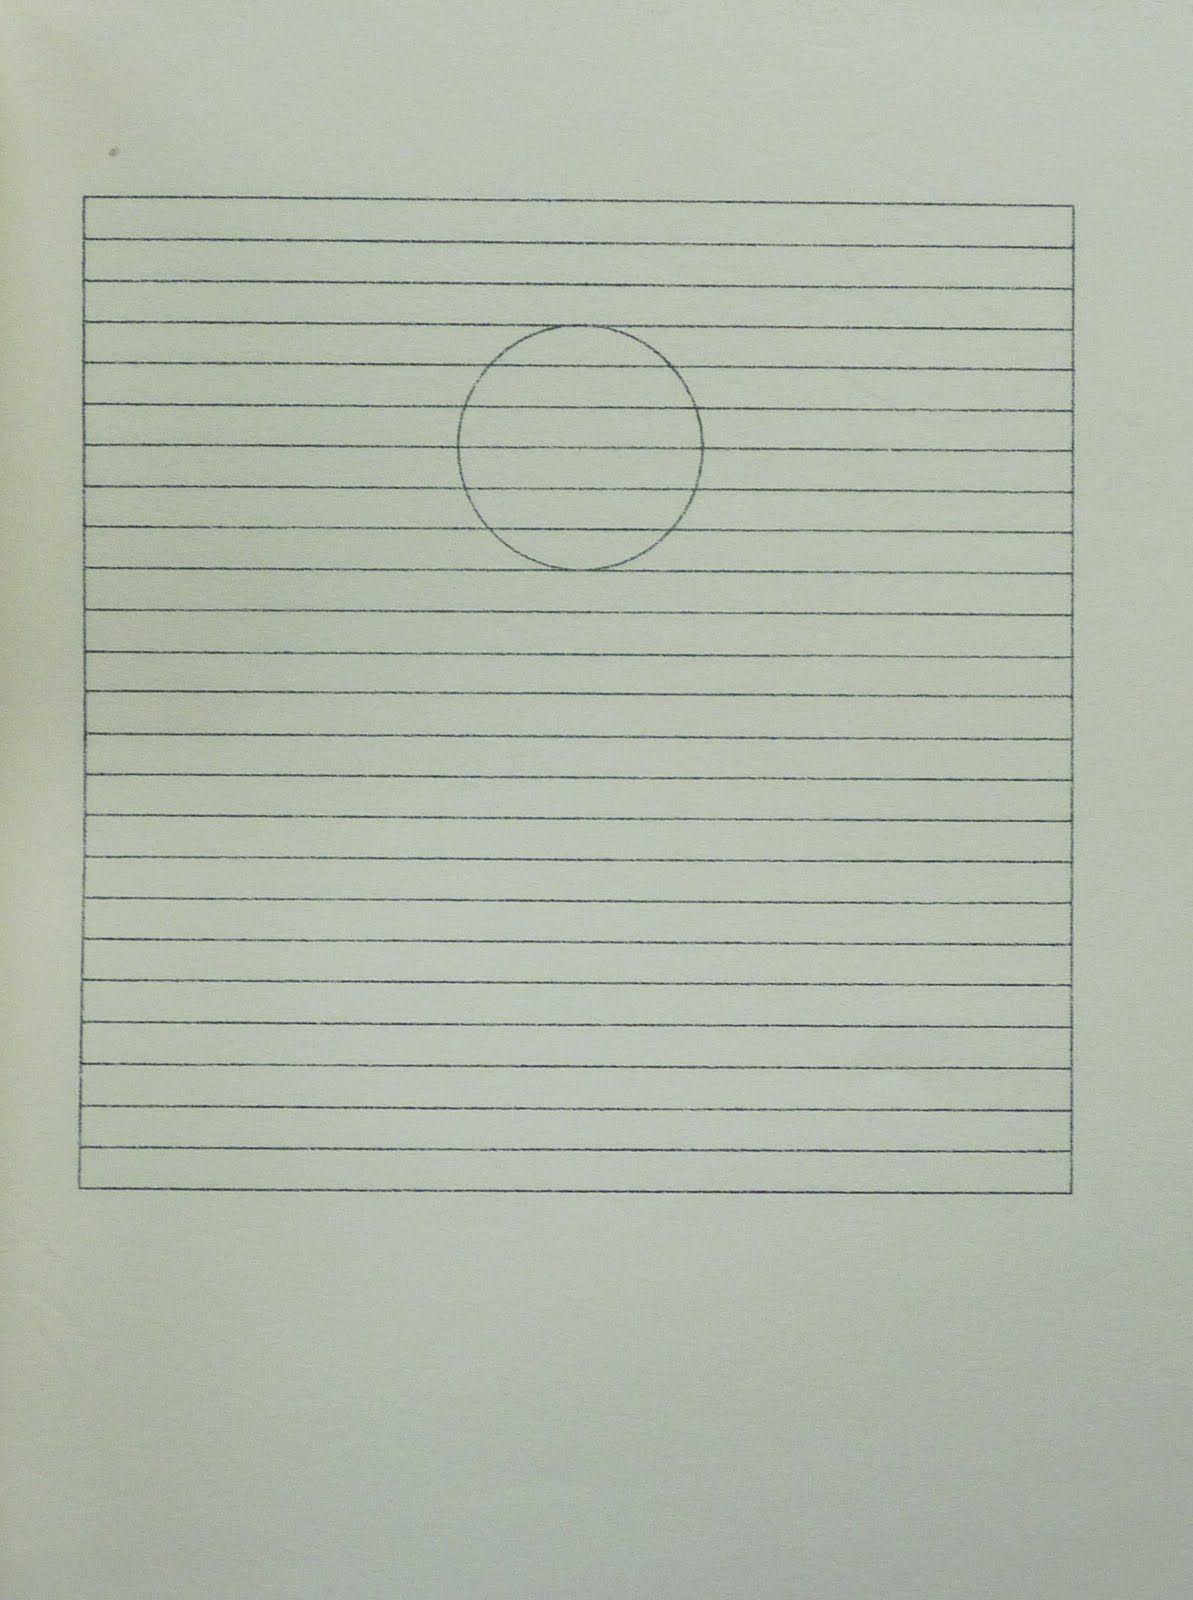 Pier van Dijk, (from) Zonwering, 1971